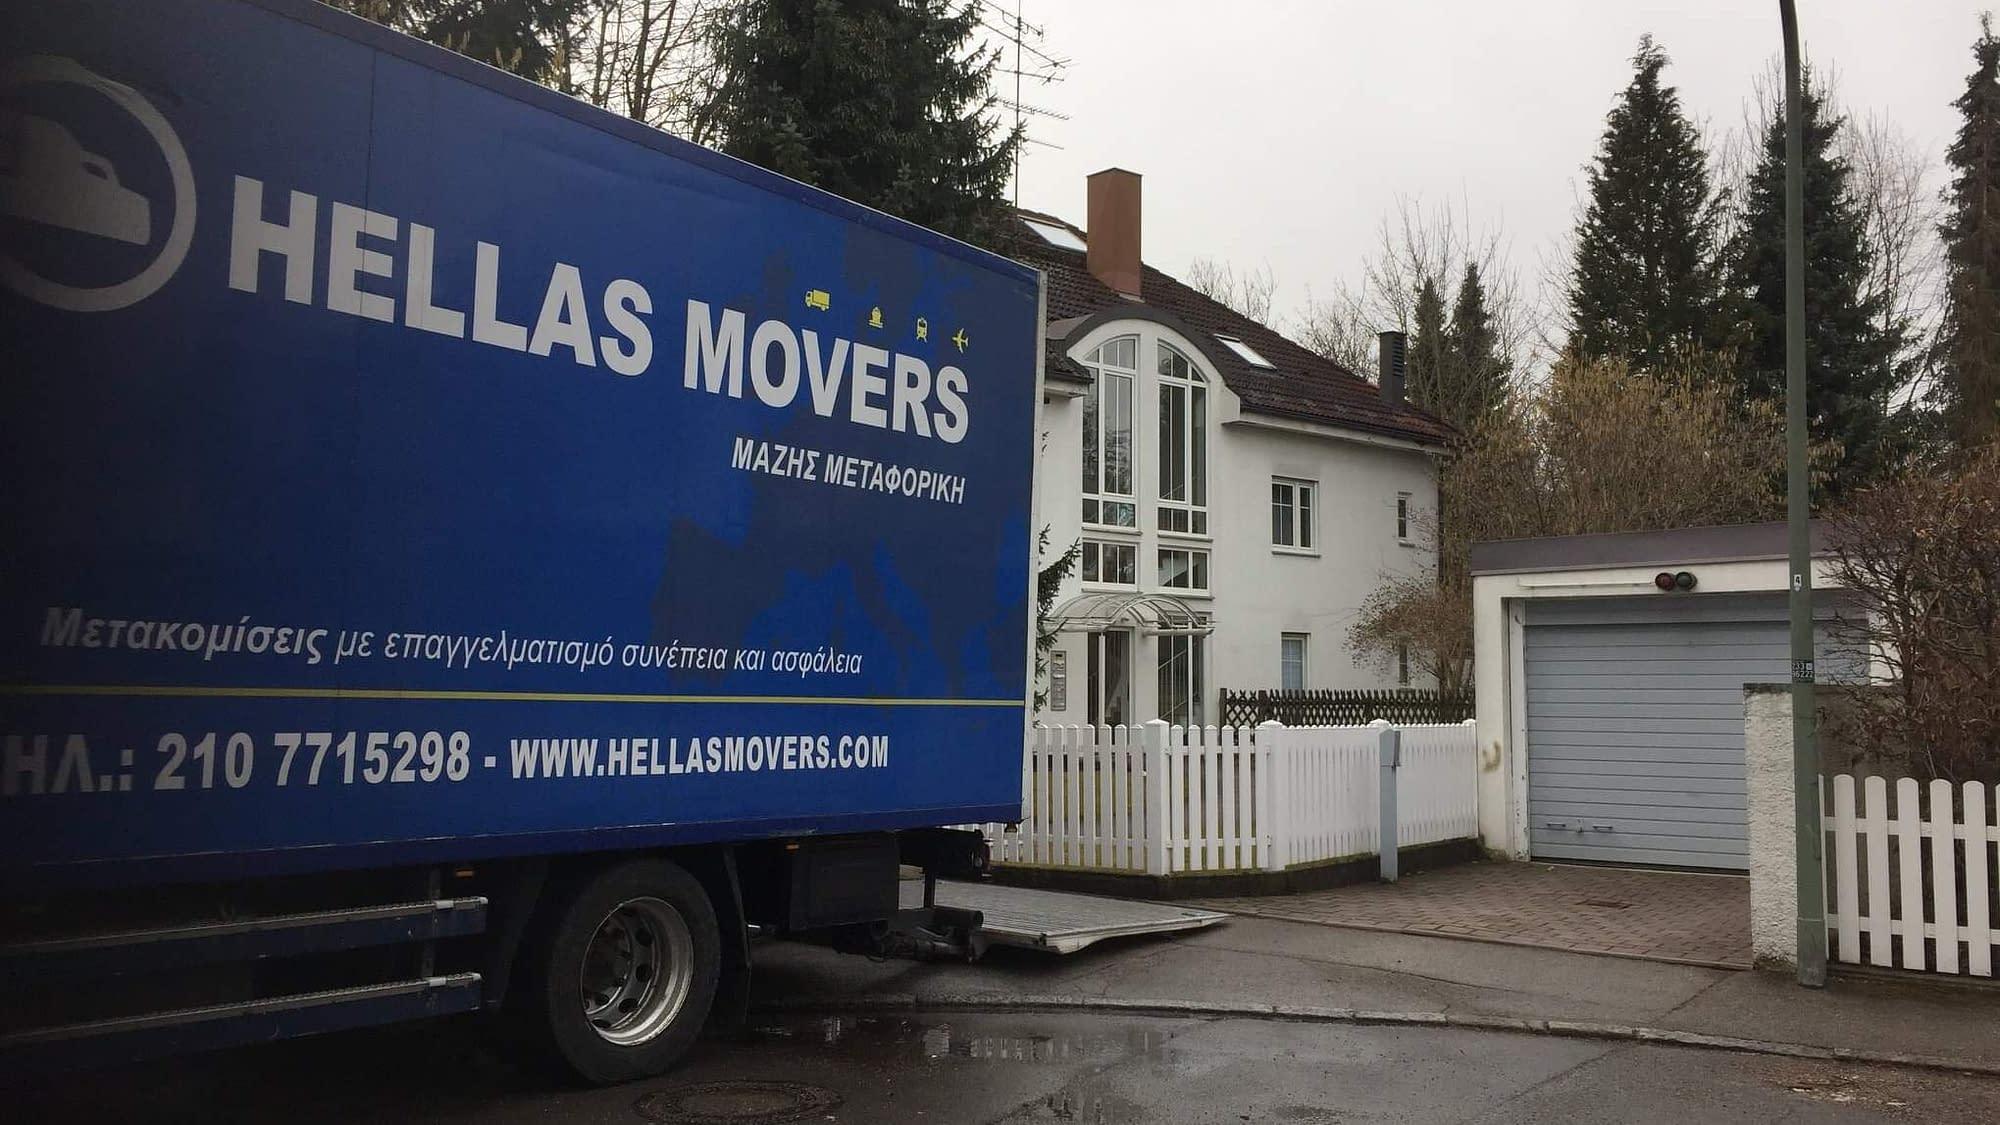 Μετακόμιση στο εξωτερικό Χριστόφορος Μάζης Μεταφορές Μετακομίσεις Χριστόφορος | Hellas Movers